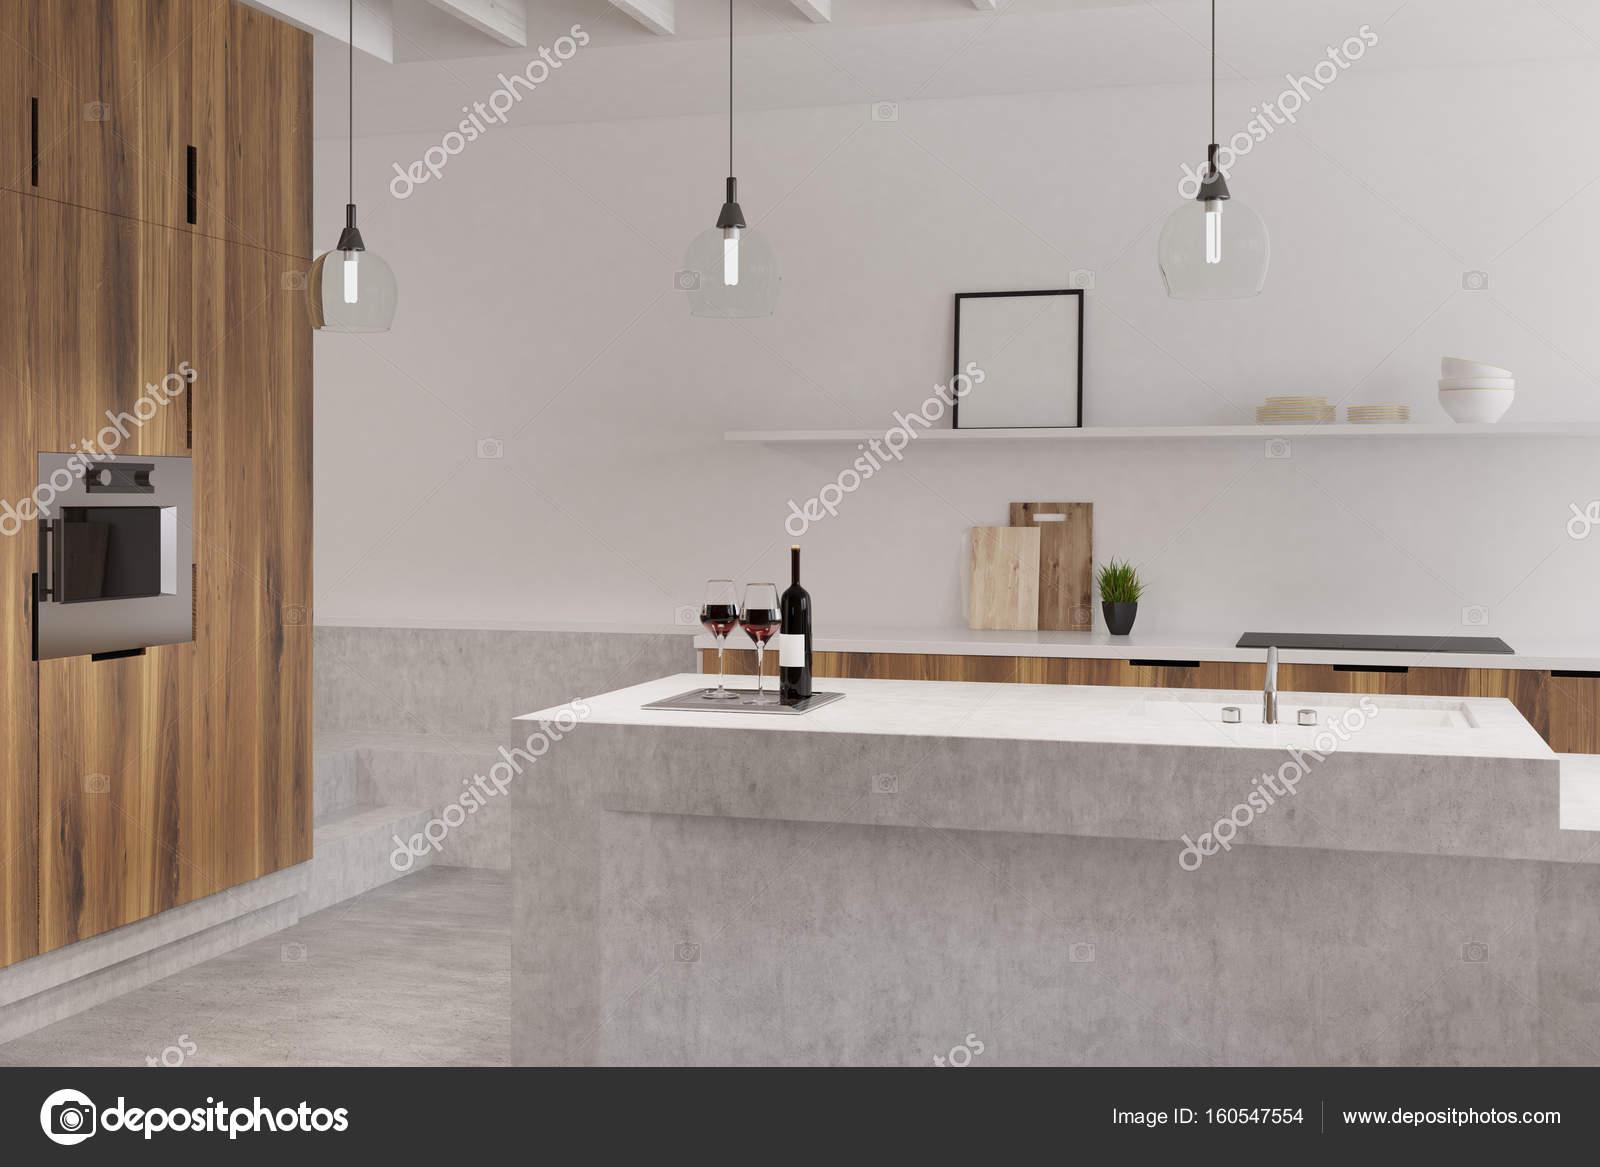 Marmer bar witte keuken oven poster u stockfoto denisismagilov